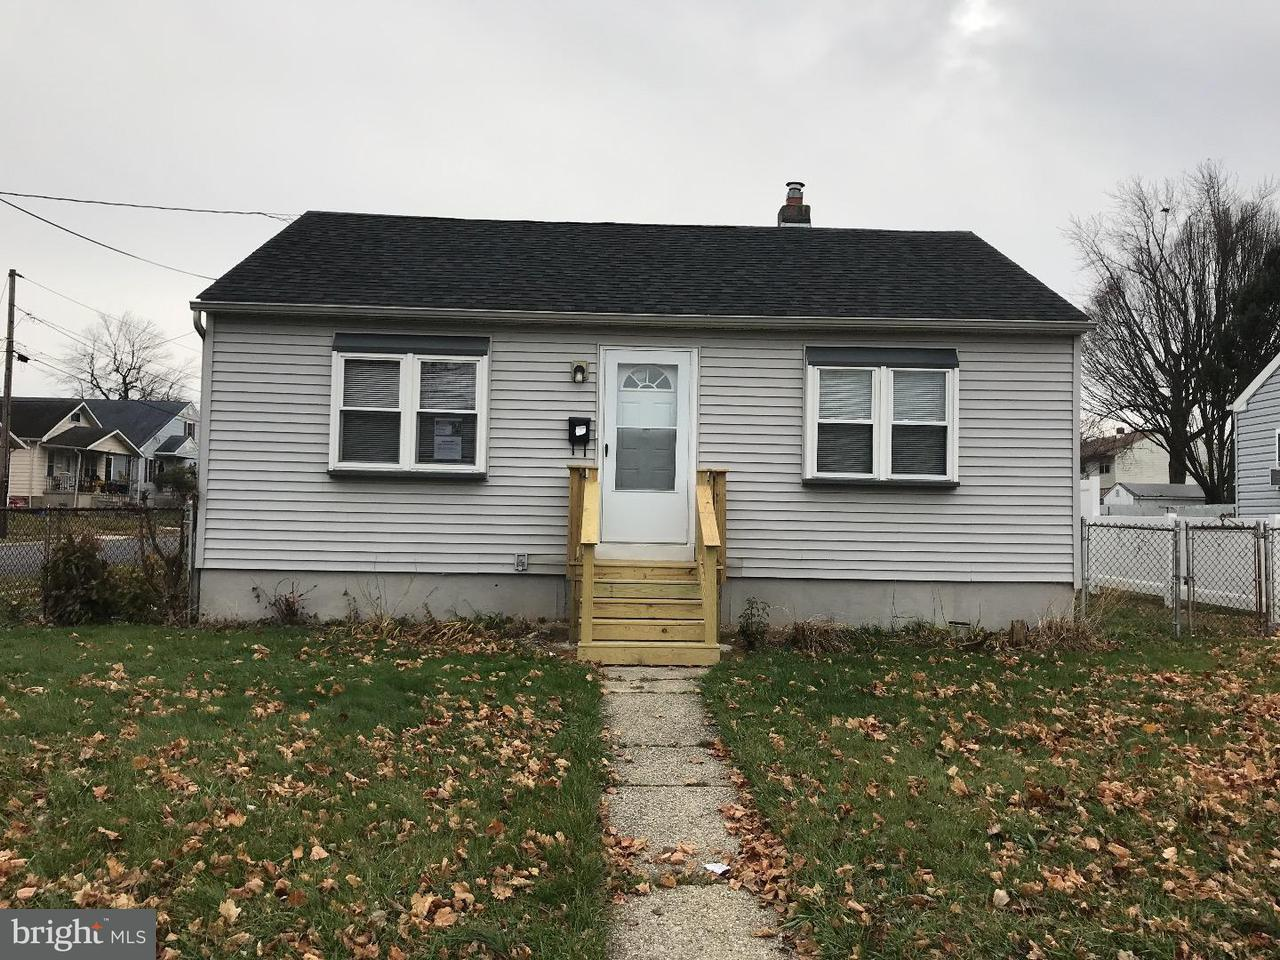 Частный односемейный дом для того Аренда на 246 CREEK Road Bellmawr, Нью-Джерси 08031 Соединенные Штаты